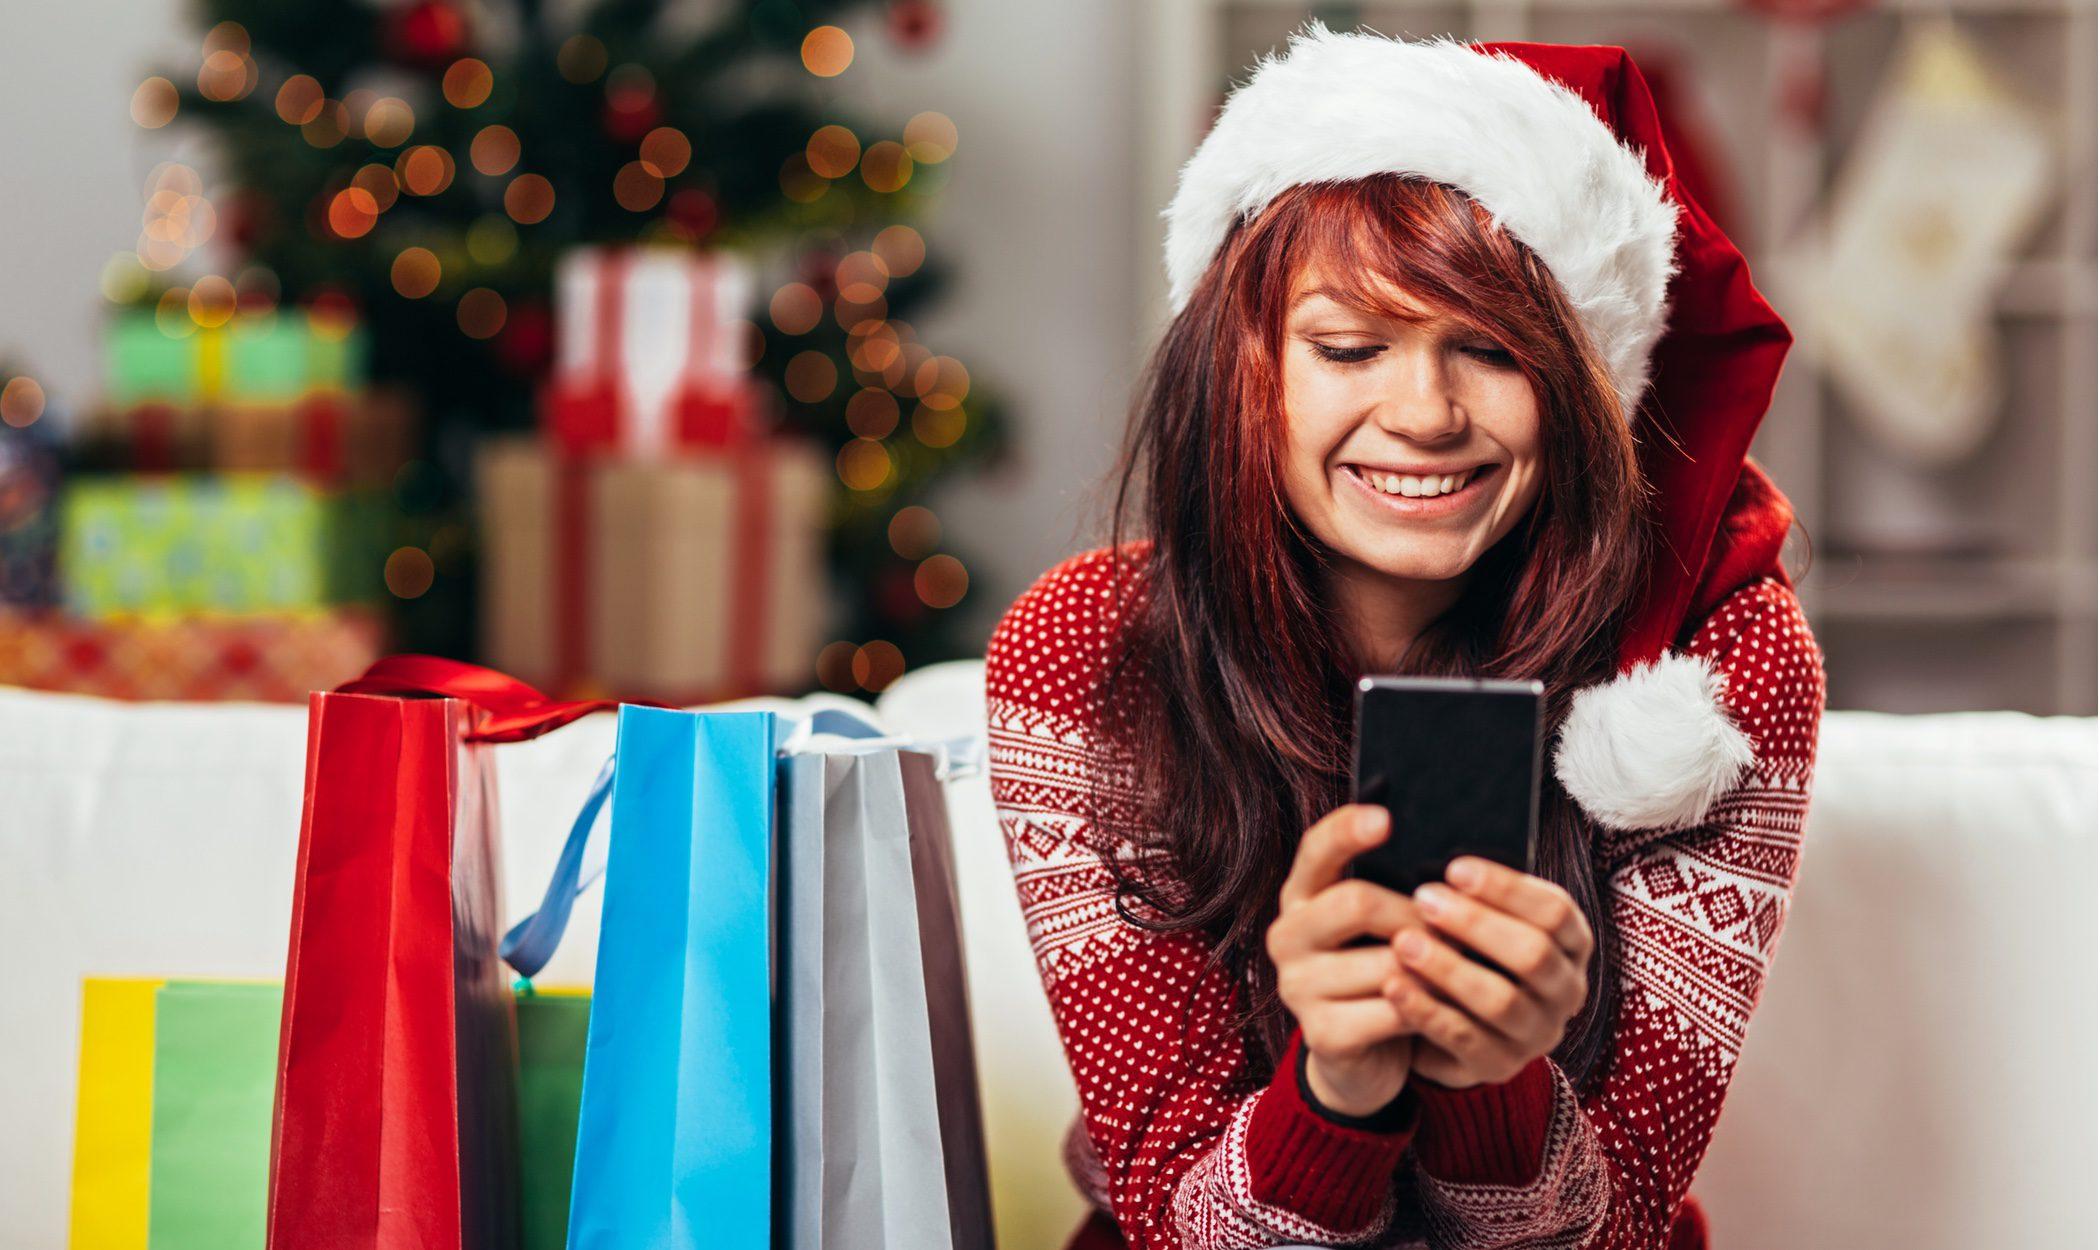 Felicitar el Año Nuevo por SMS: Ventajas e inconvenientes